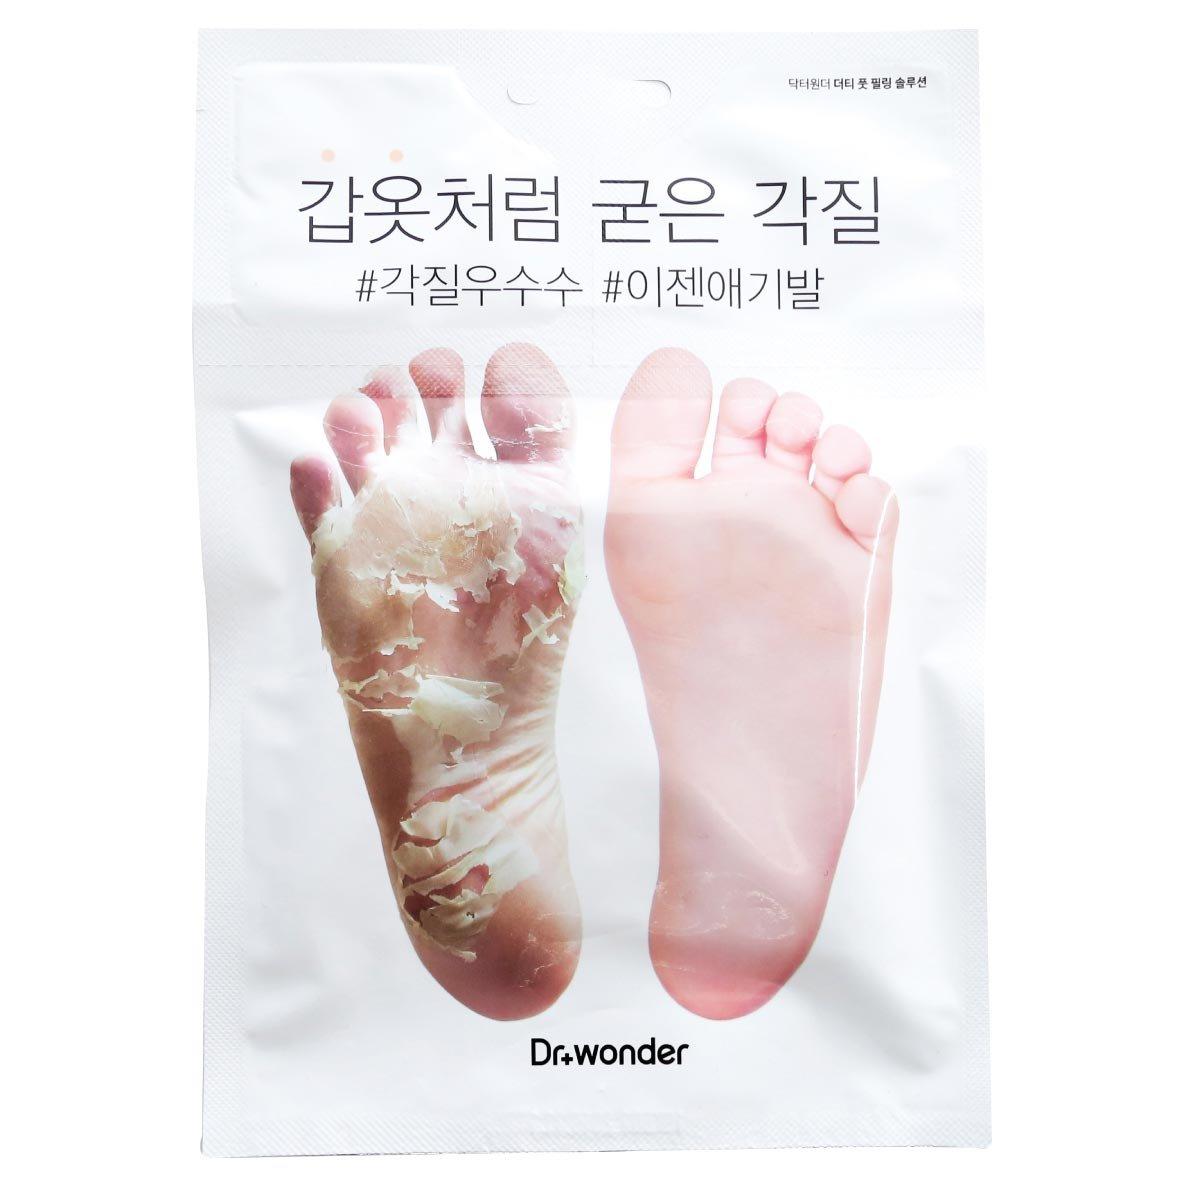 飢船員適応的[ドクターワンダー/ Dr+ wonder] Good Bye, Dirty Foot! Doctor Wonder Crocodile Foot Mask Pack / ドクターワンダーワニバルペク/鎧のような硬い角質!もう赤ちゃんの足+[Sample Gift](海外直送品)